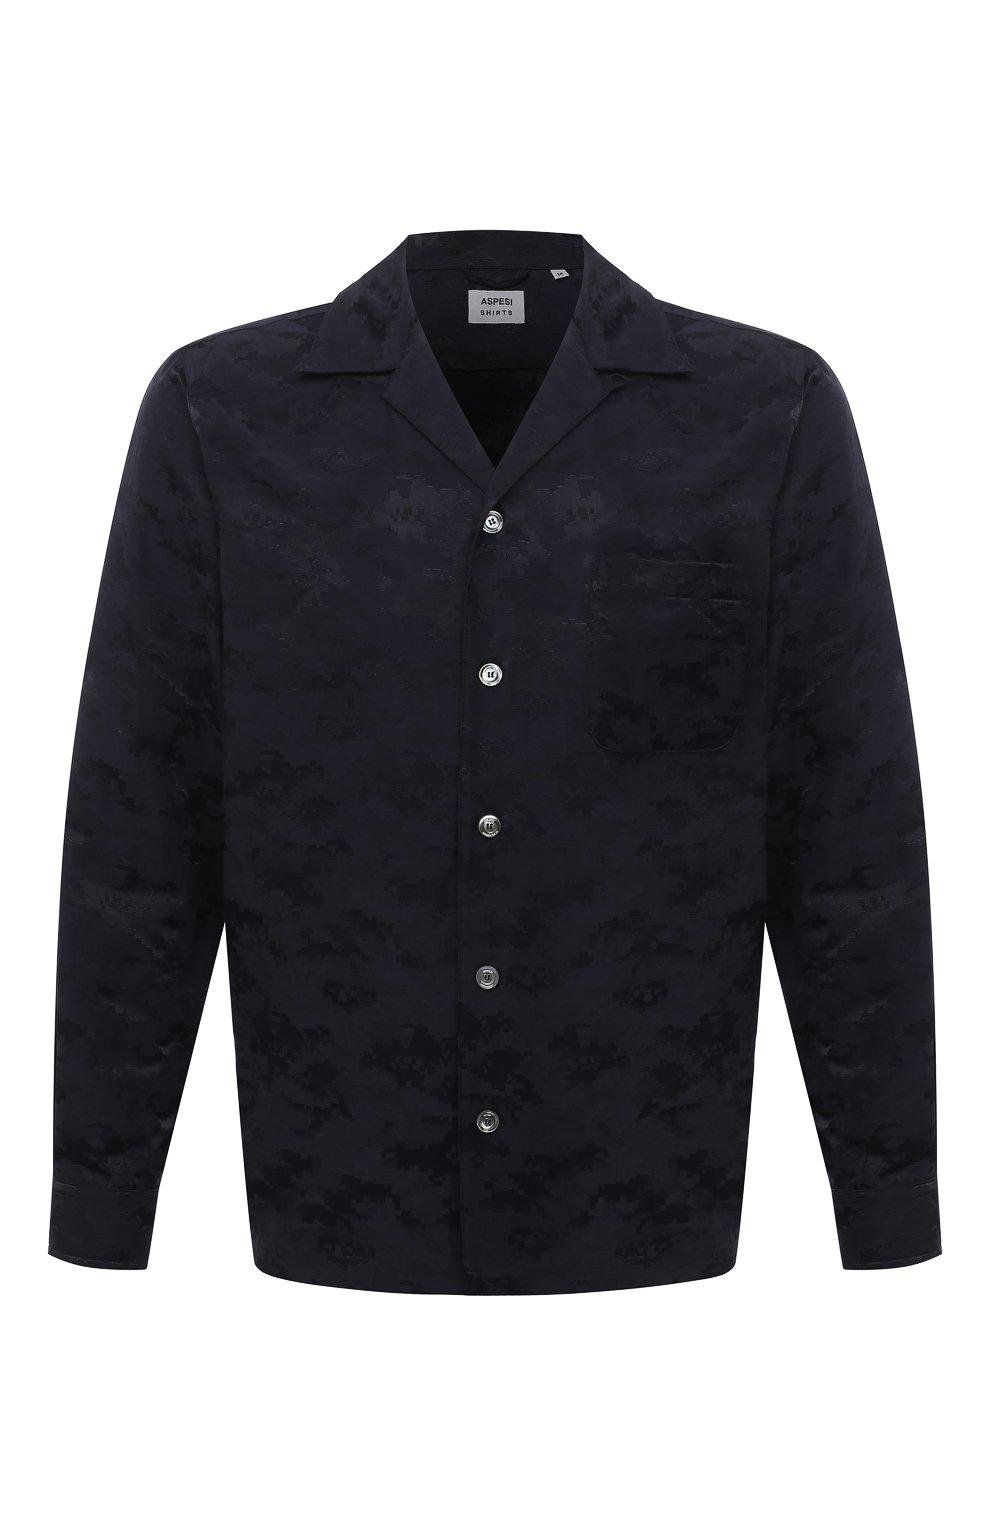 Мужская рубашка ASPESI темно-синего цвета, арт. S1 A CE53 G422 | Фото 1 (Манжеты: На пуговицах; Рукава: Длинные; Случай: Повседневный; Материал внешний: Синтетический материал, Хлопок; Длина (для топов): Стандартные; Принт: С принтом; Воротник: Отложной; Стили: Кэжуэл)